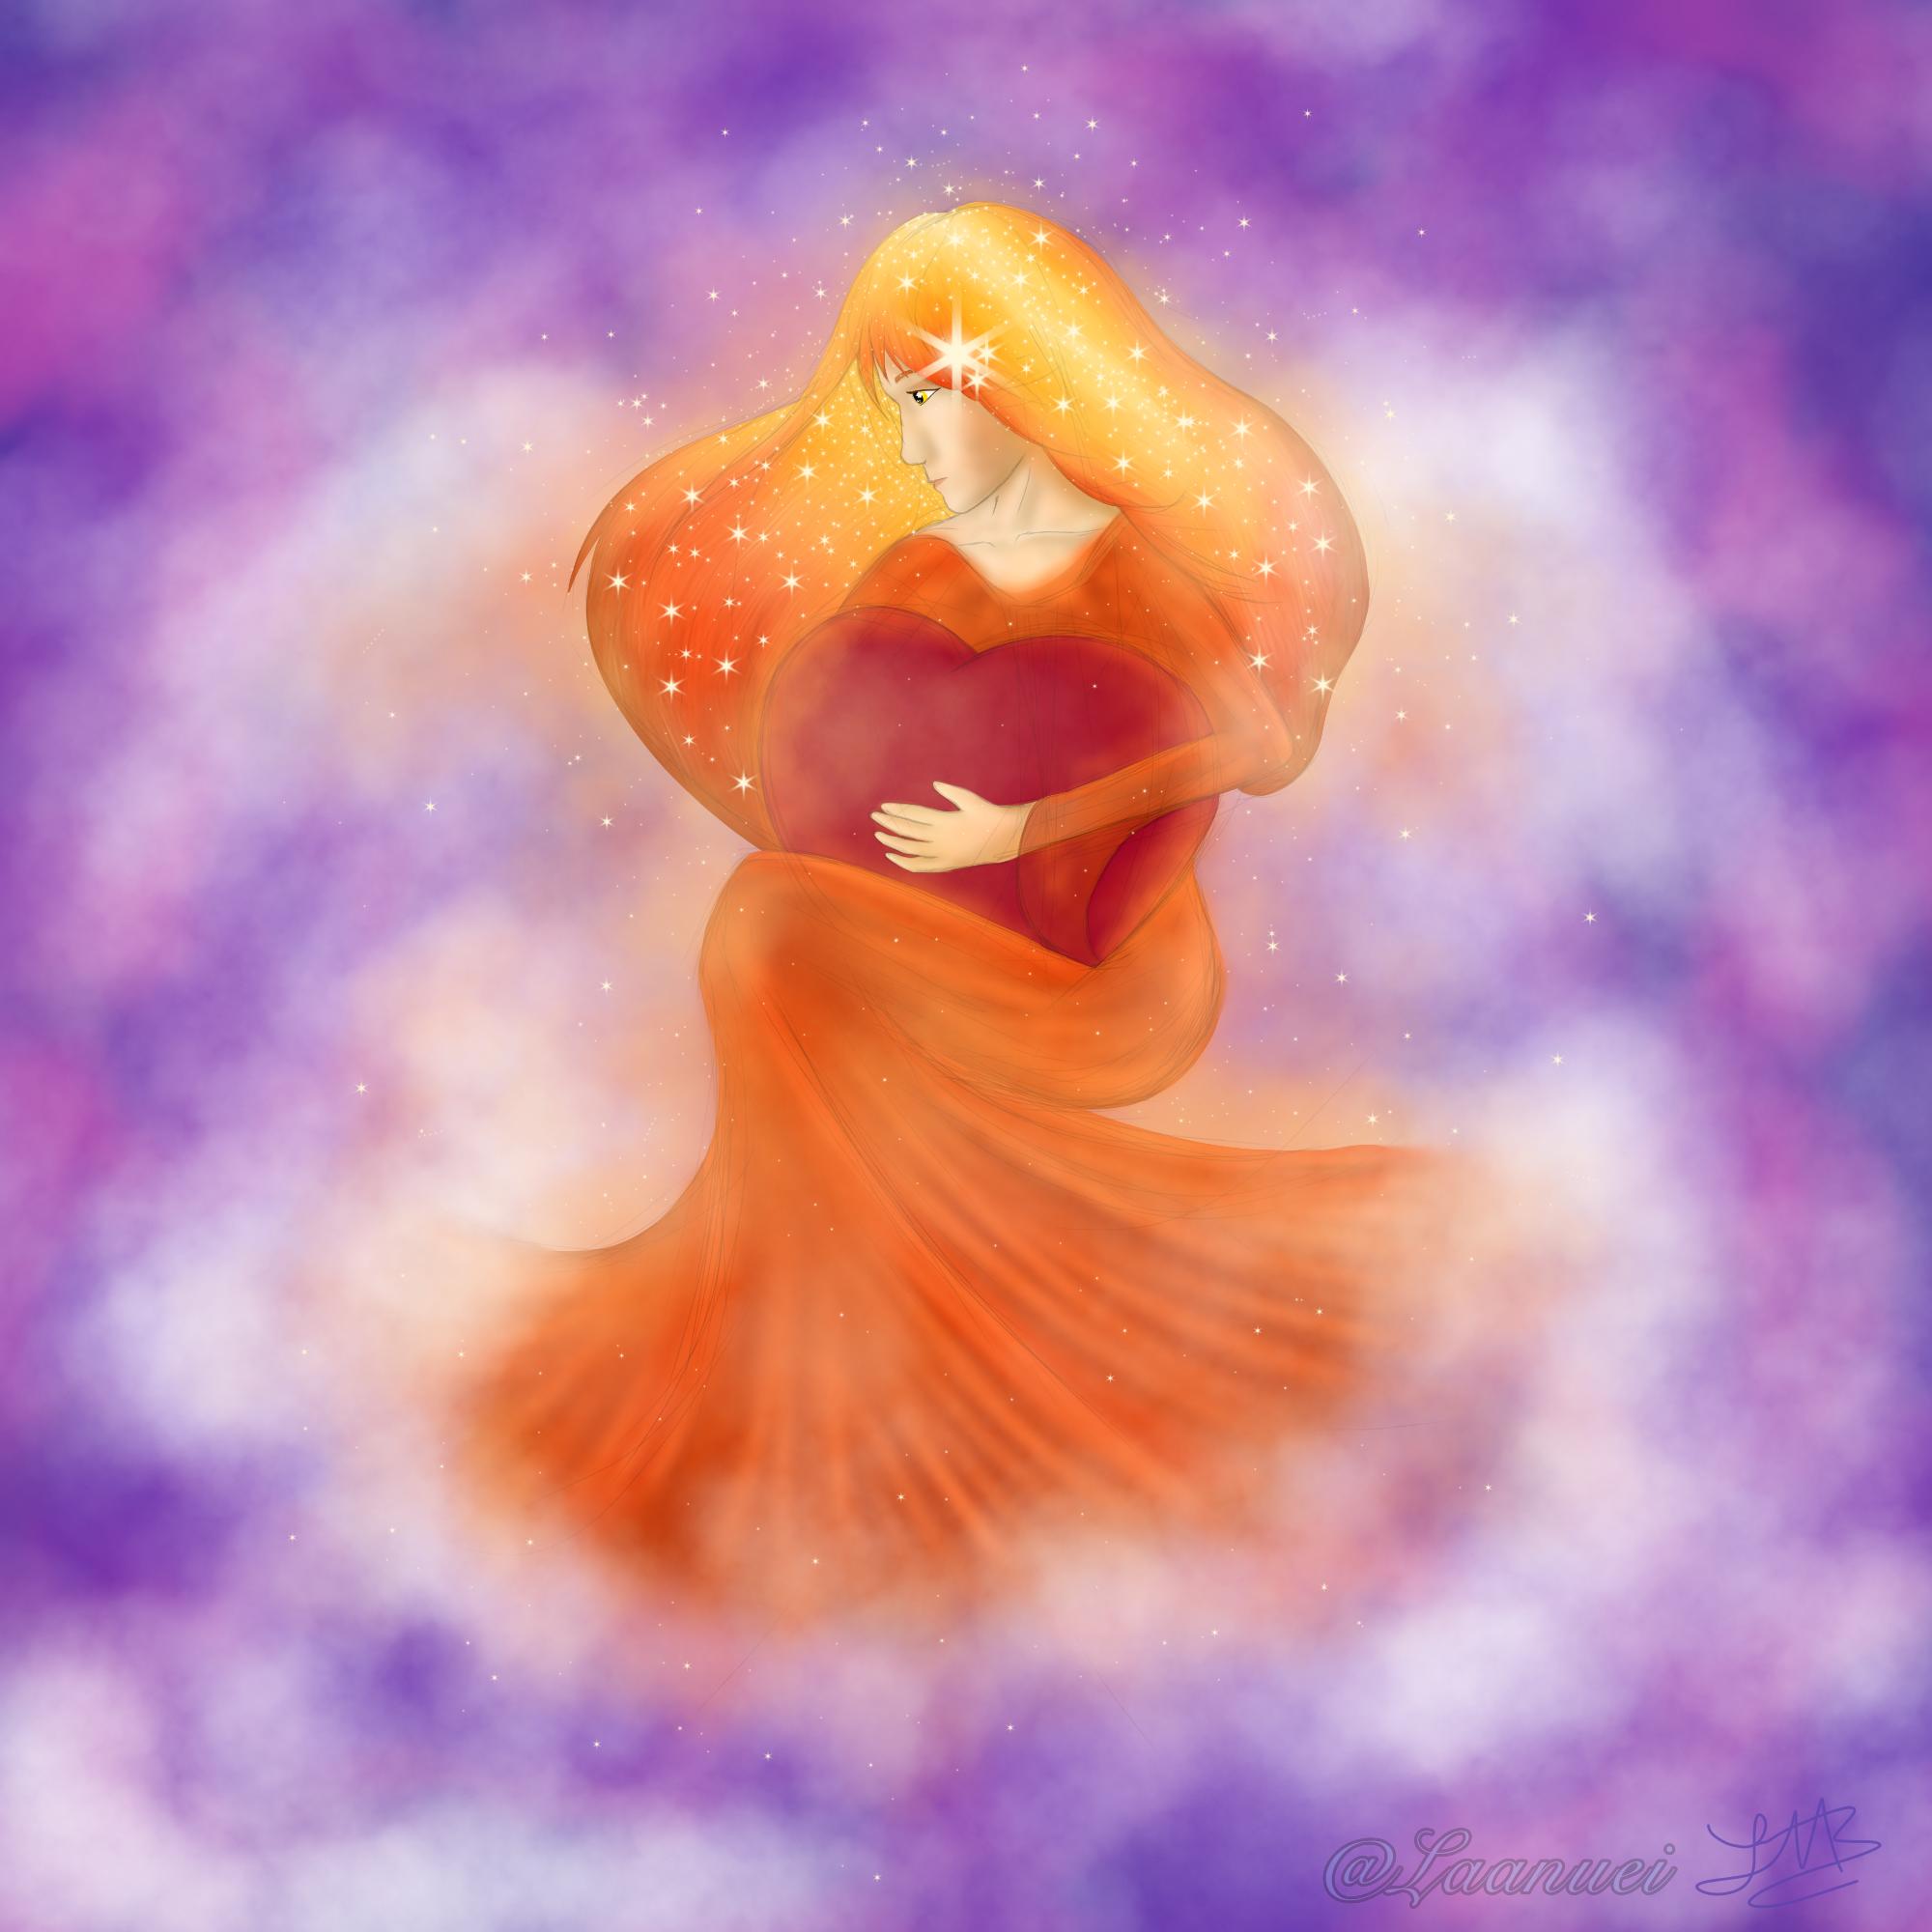 Little Star by Laanuei